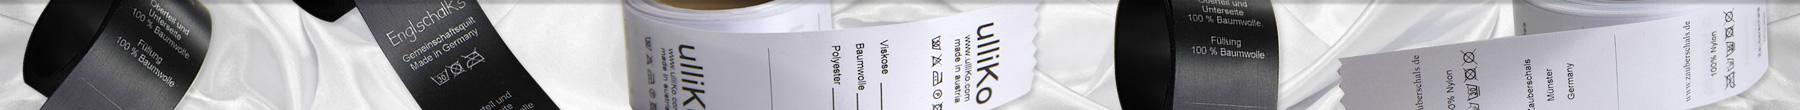 Grandes étiquettes lavage